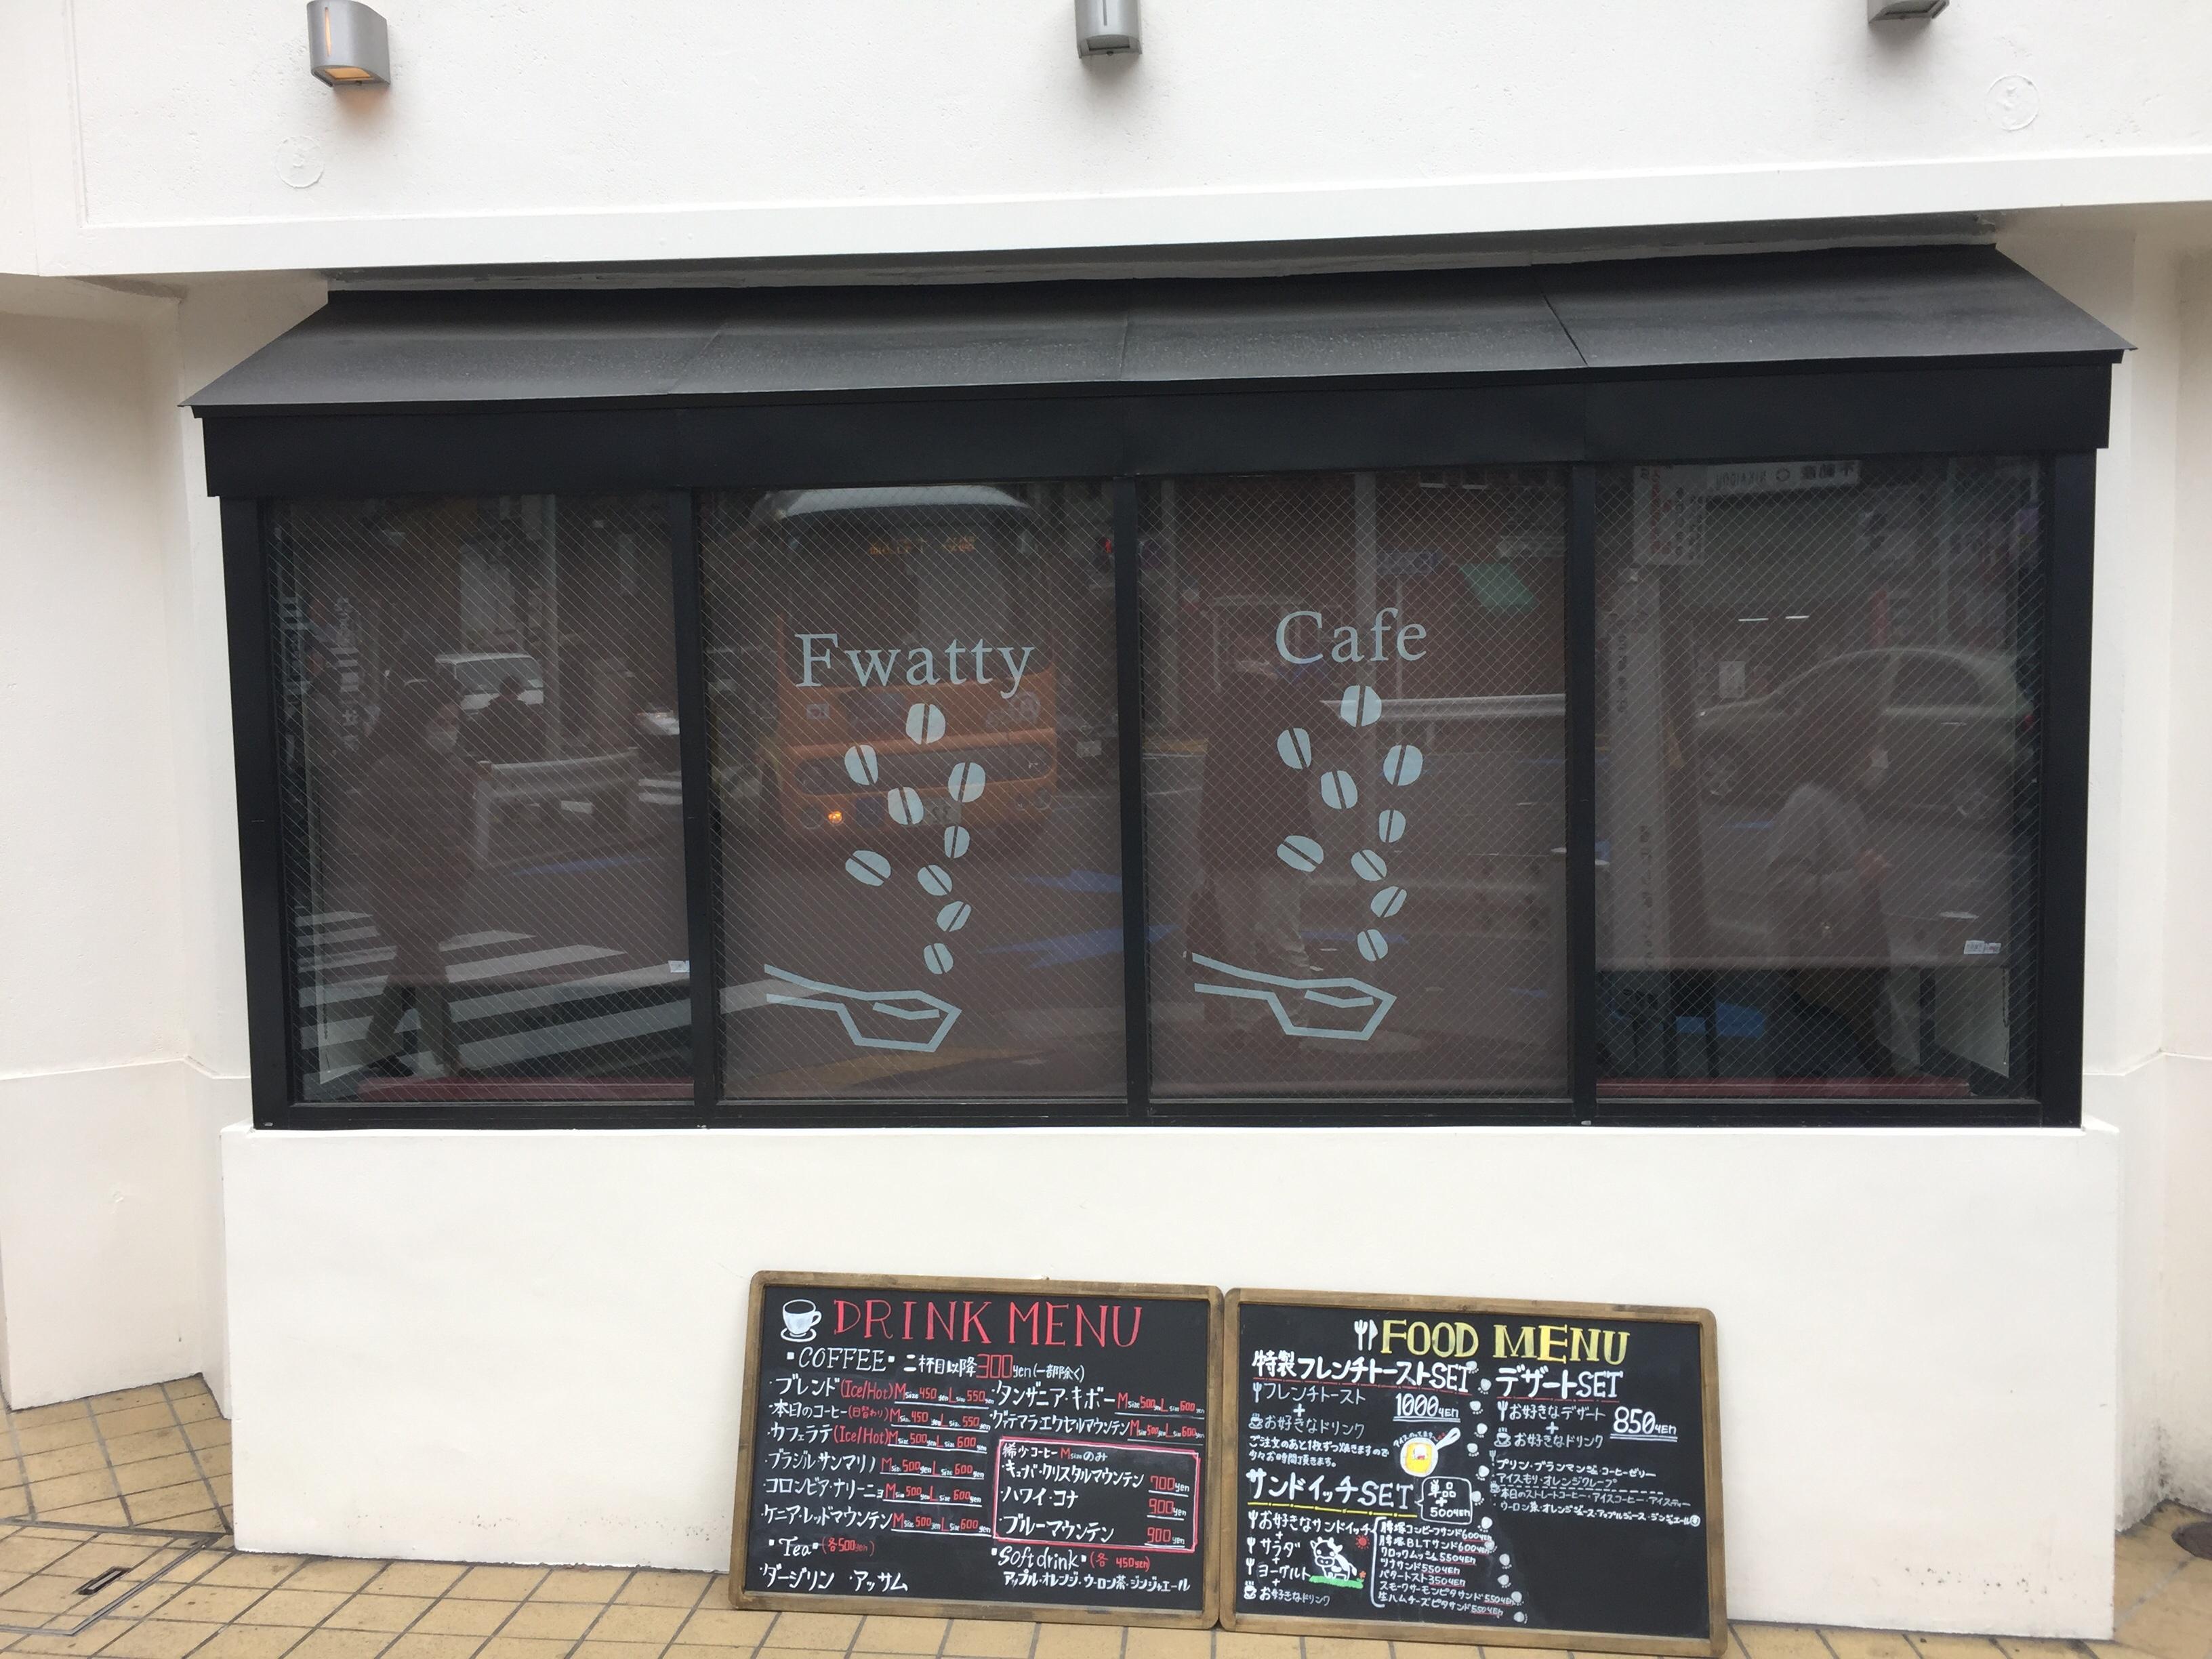 千駄木駅 電源カフェ Fwatty Cafe(フワッティカフェ)